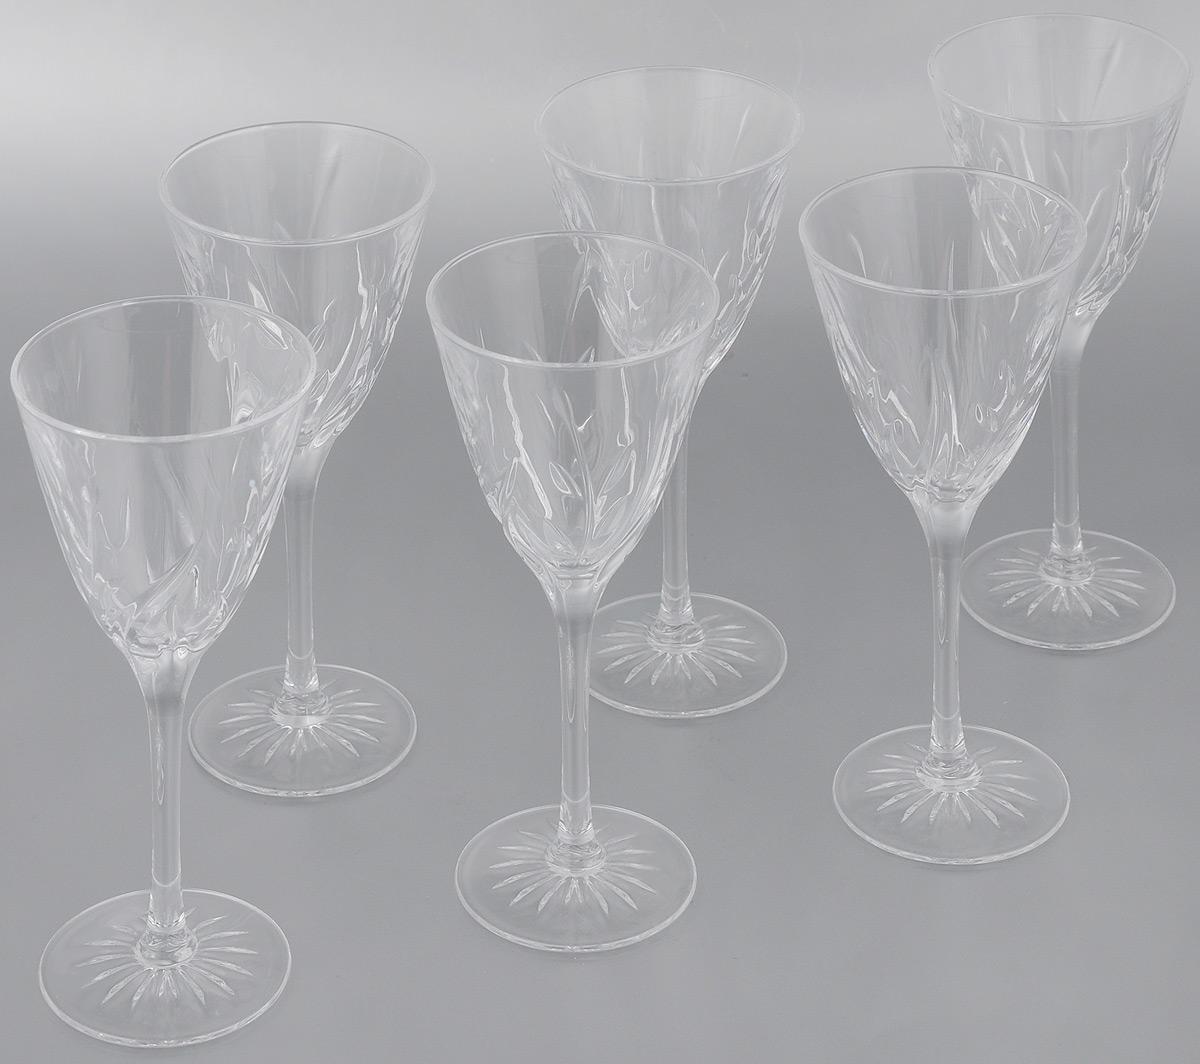 Набор фужеров Cristal dArques Cassandra, 170 мл, 6 штG1416Набор Cristal dArques Cassandra состоит из 6 фужеров, выполненных из специально разработанного стекла Diamax. Изделия оснащены длинными изящными ножками и предназначены для различных напитков.Такой набор прекрасно дополнит праздничный стол и станет желанным подарком в любом доме. Диаметр фужера (по верхнему краю): 7,8 см. Высота фужера: 19 см. Диаметр основания фужера: 6,5 см.